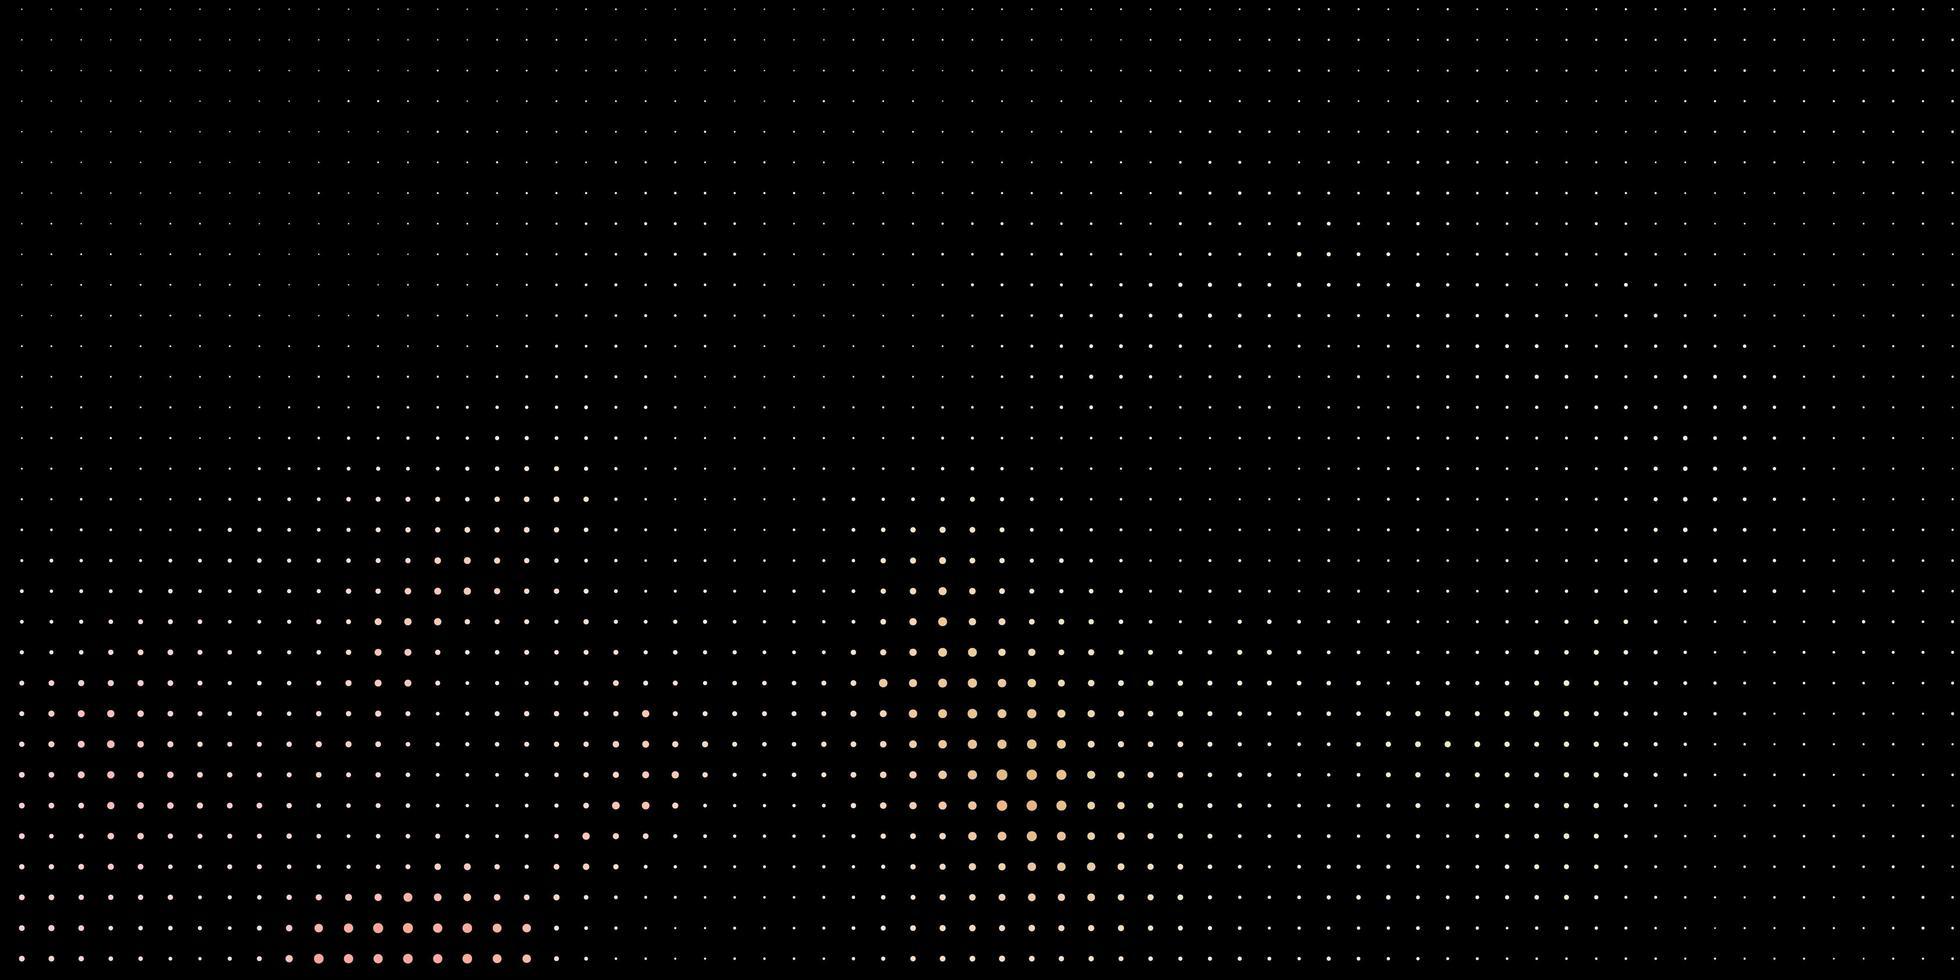 sfondo nero con puntini gialli. vettore